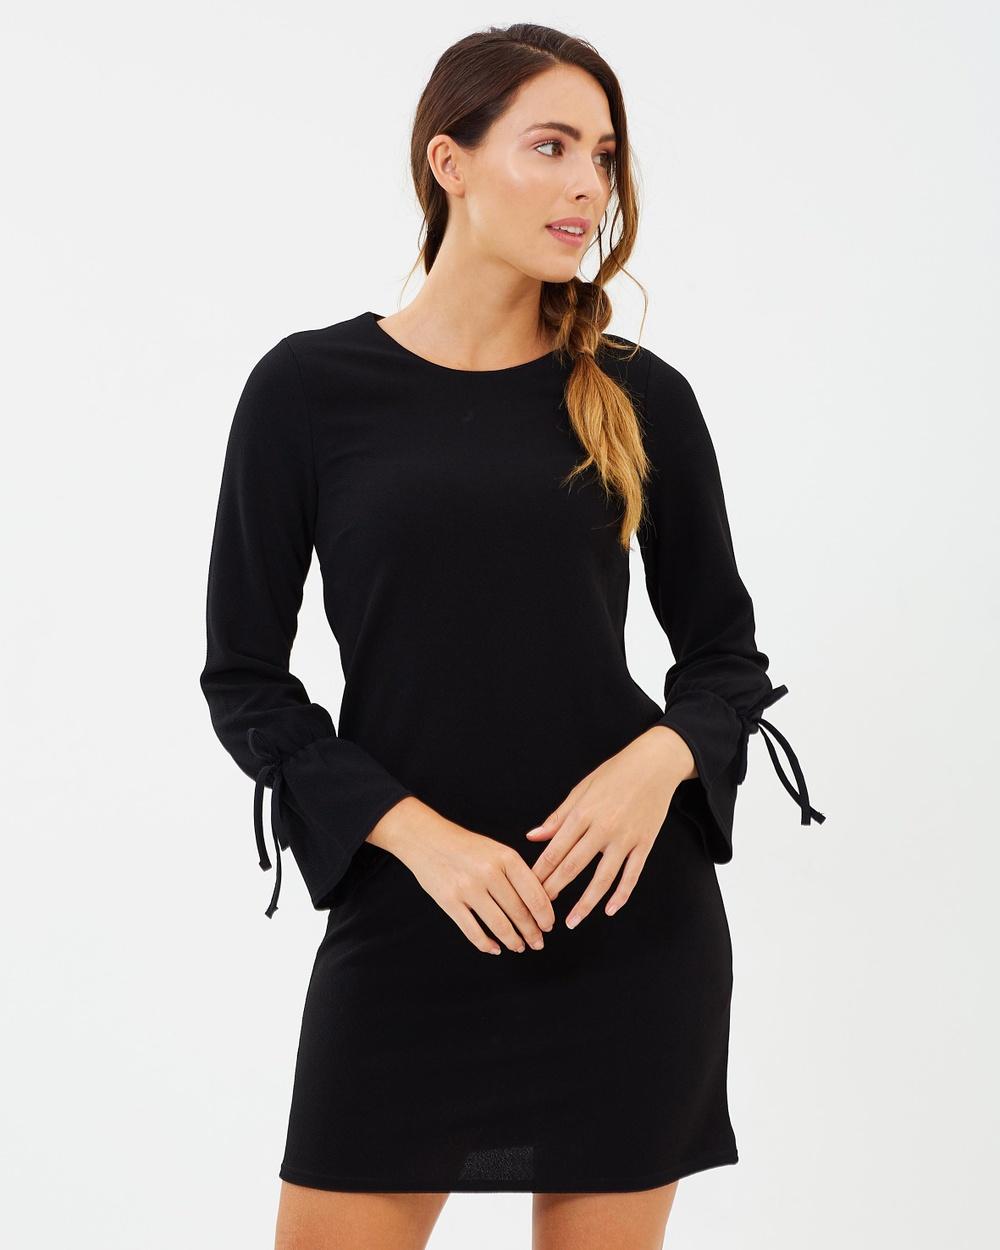 Dorothy Perkins Tie Cuff Shift Dress Dresses Black Tie Cuff Shift Dress